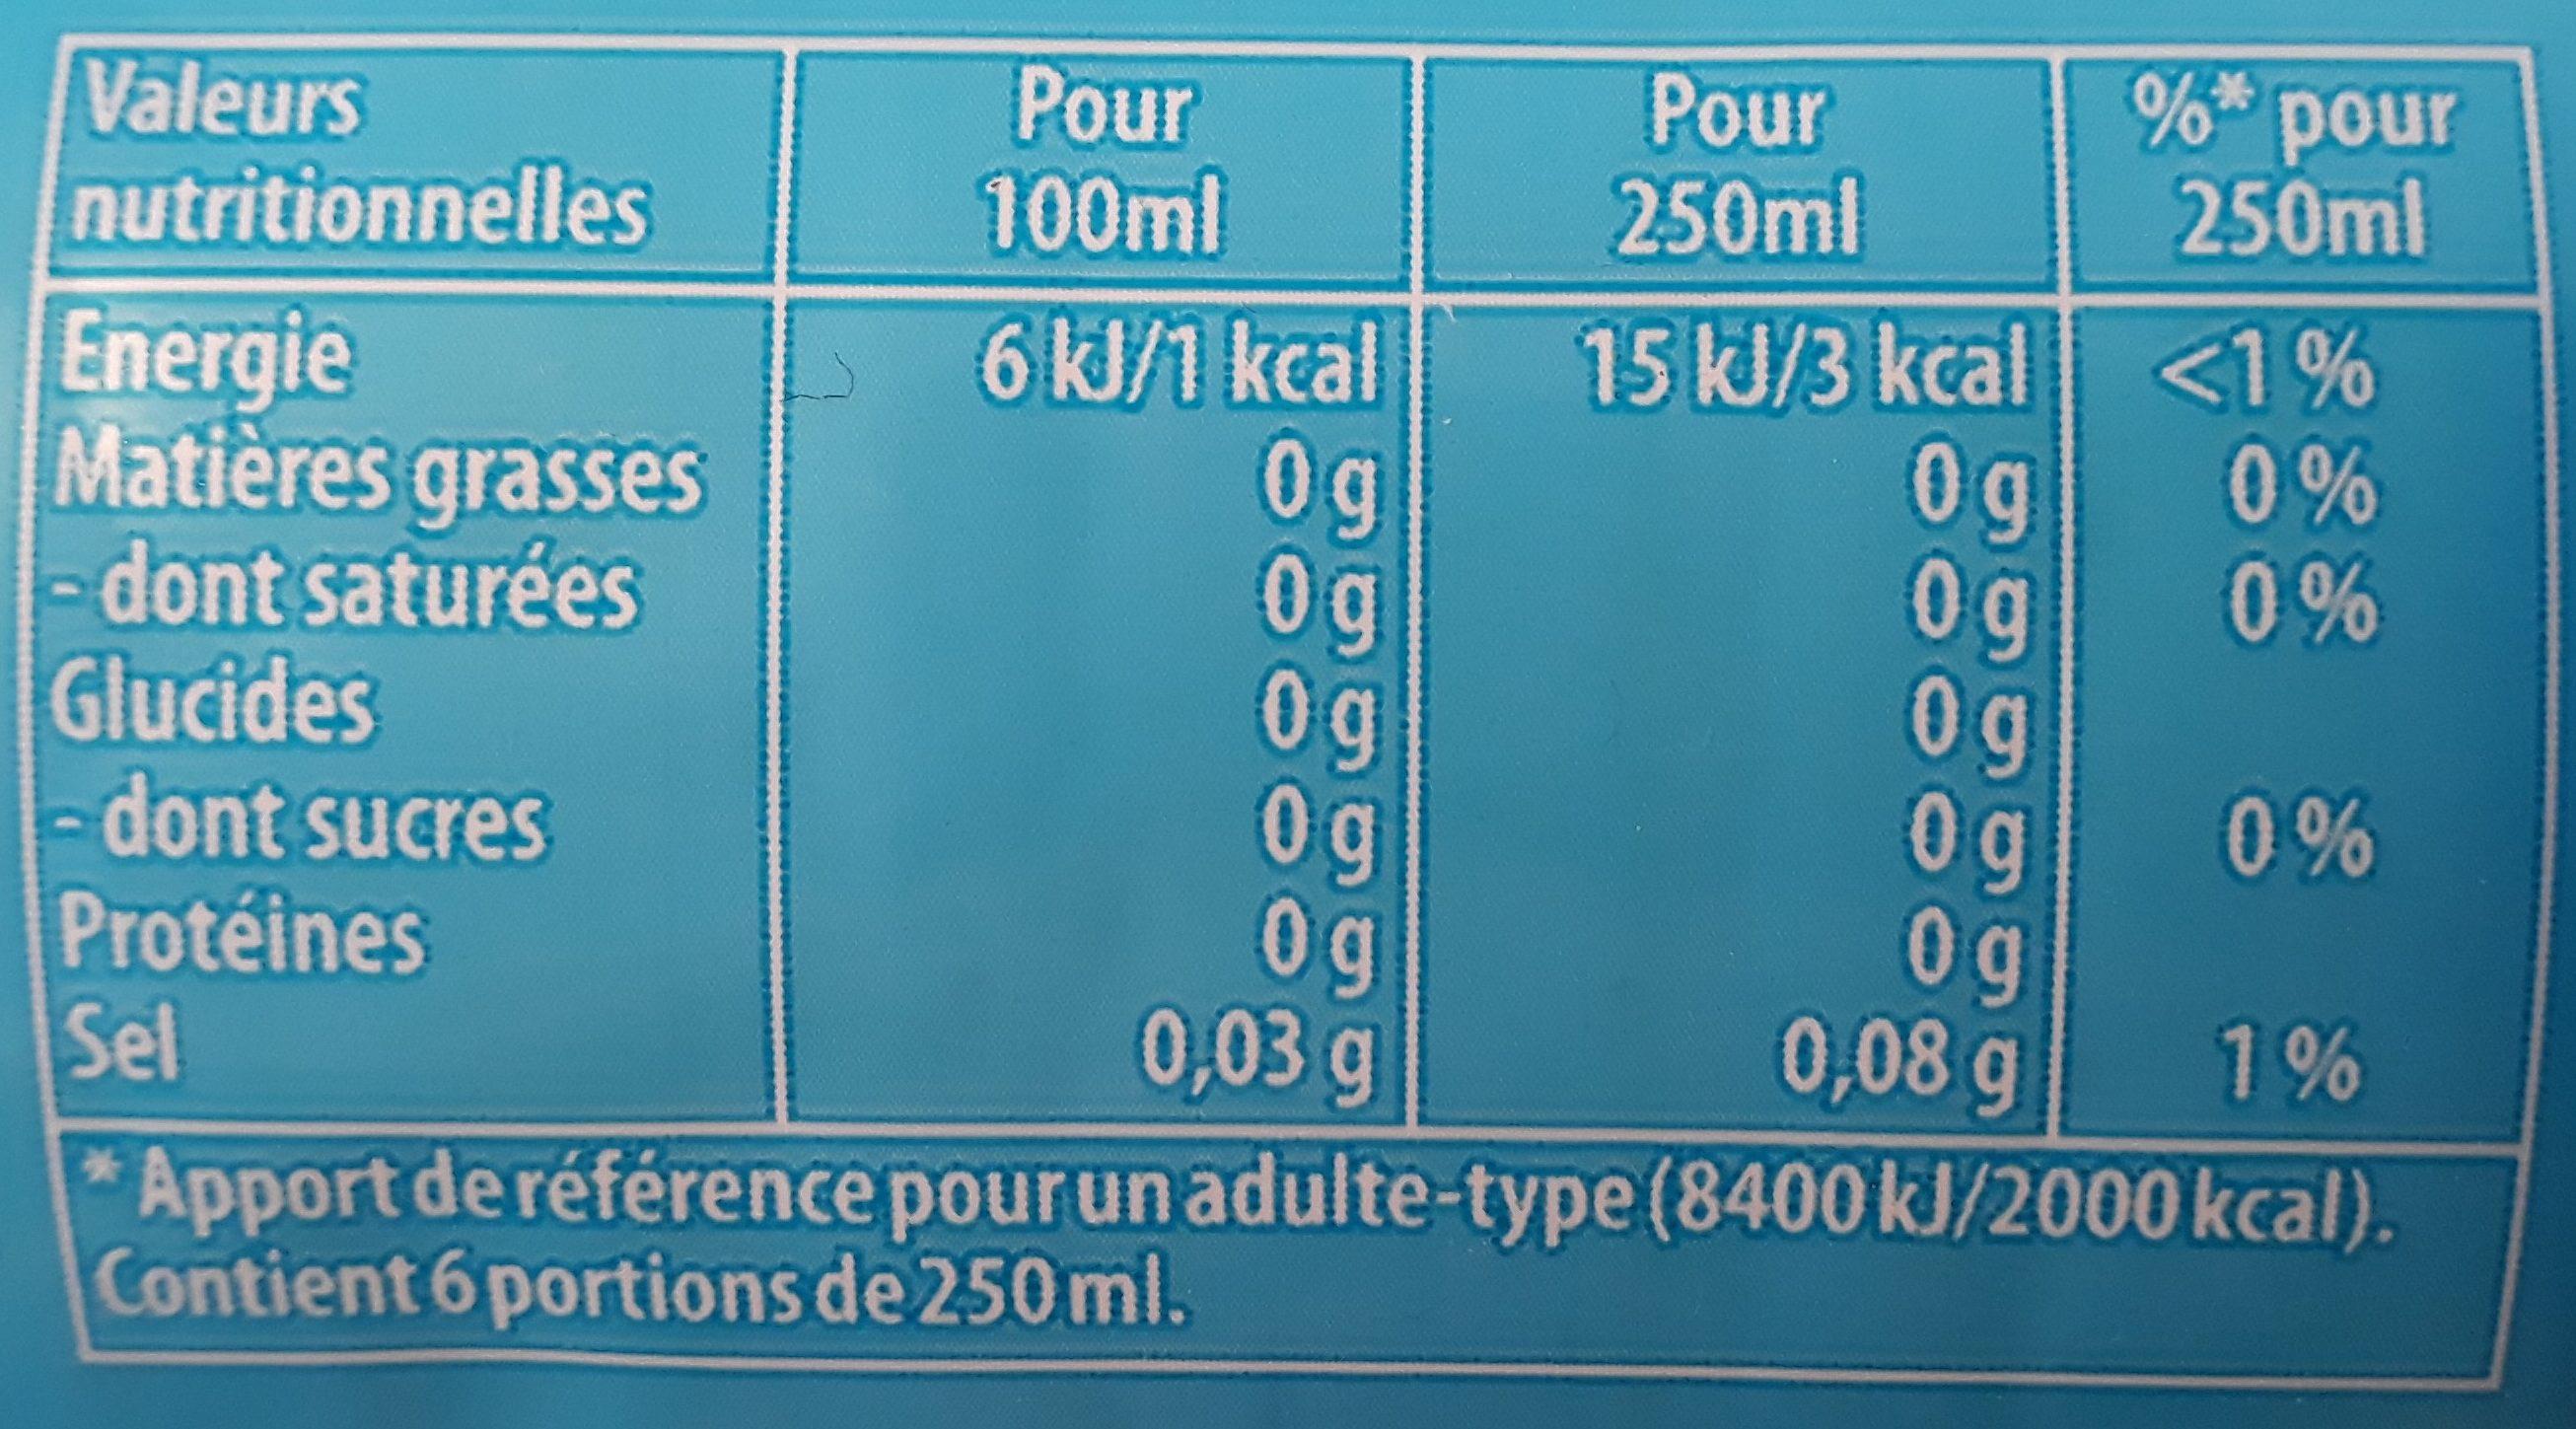 Lipton ice tea pêche zéro sucres - Informations nutritionnelles - fr